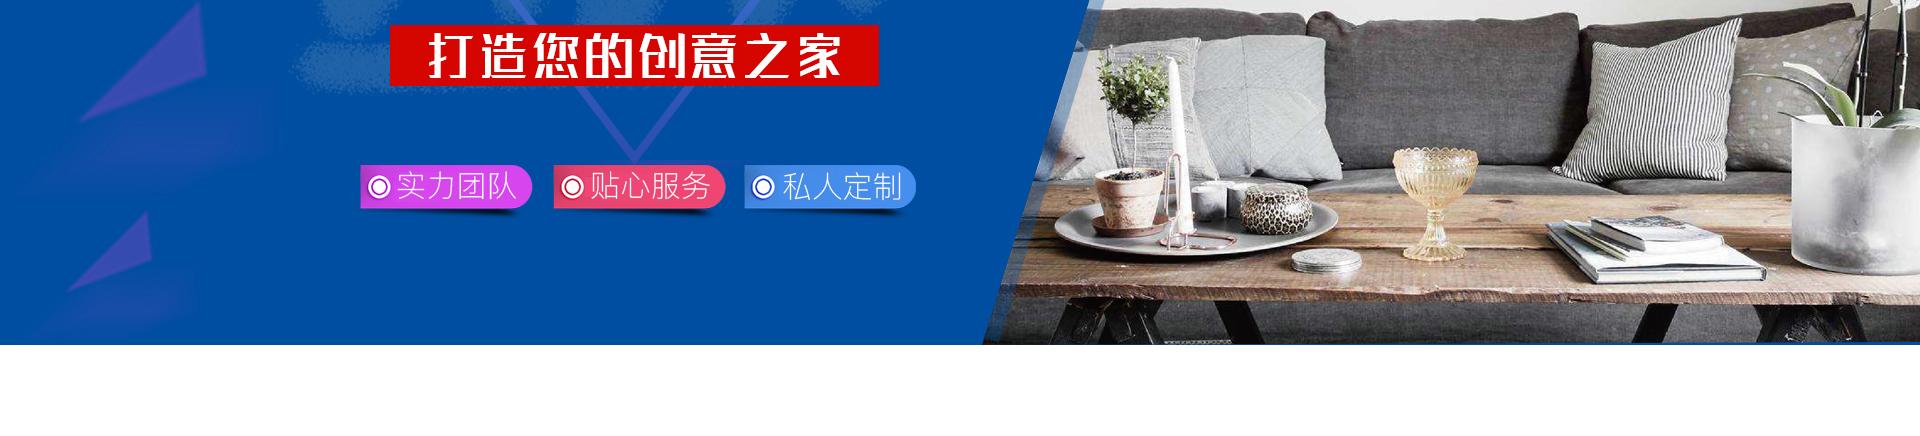 三禾品味装饰shpw_02